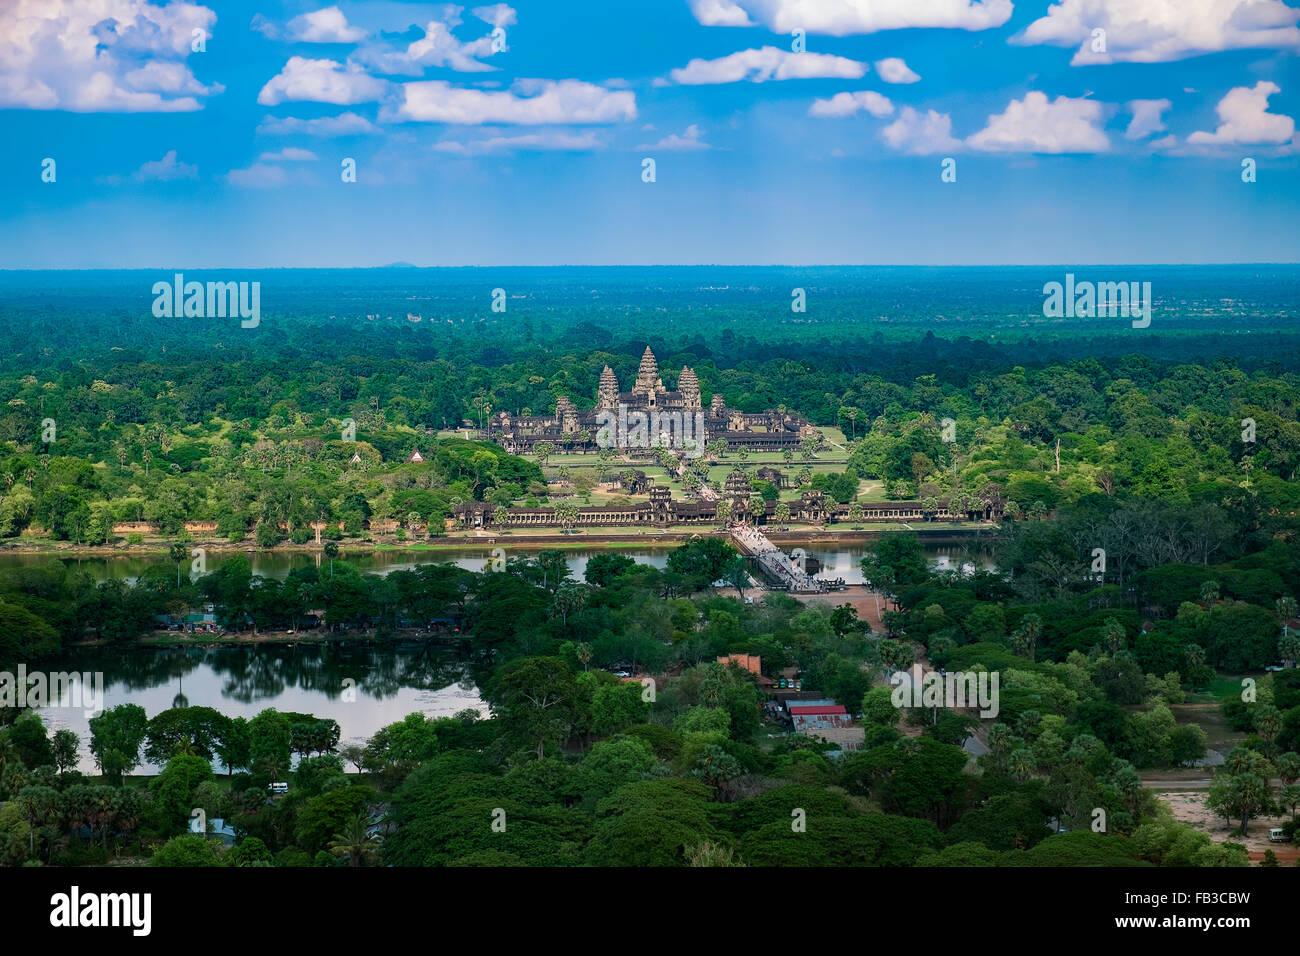 Bella vista aerea di Angkor Wat, Cambogia, sud-est asiatico Immagini Stock